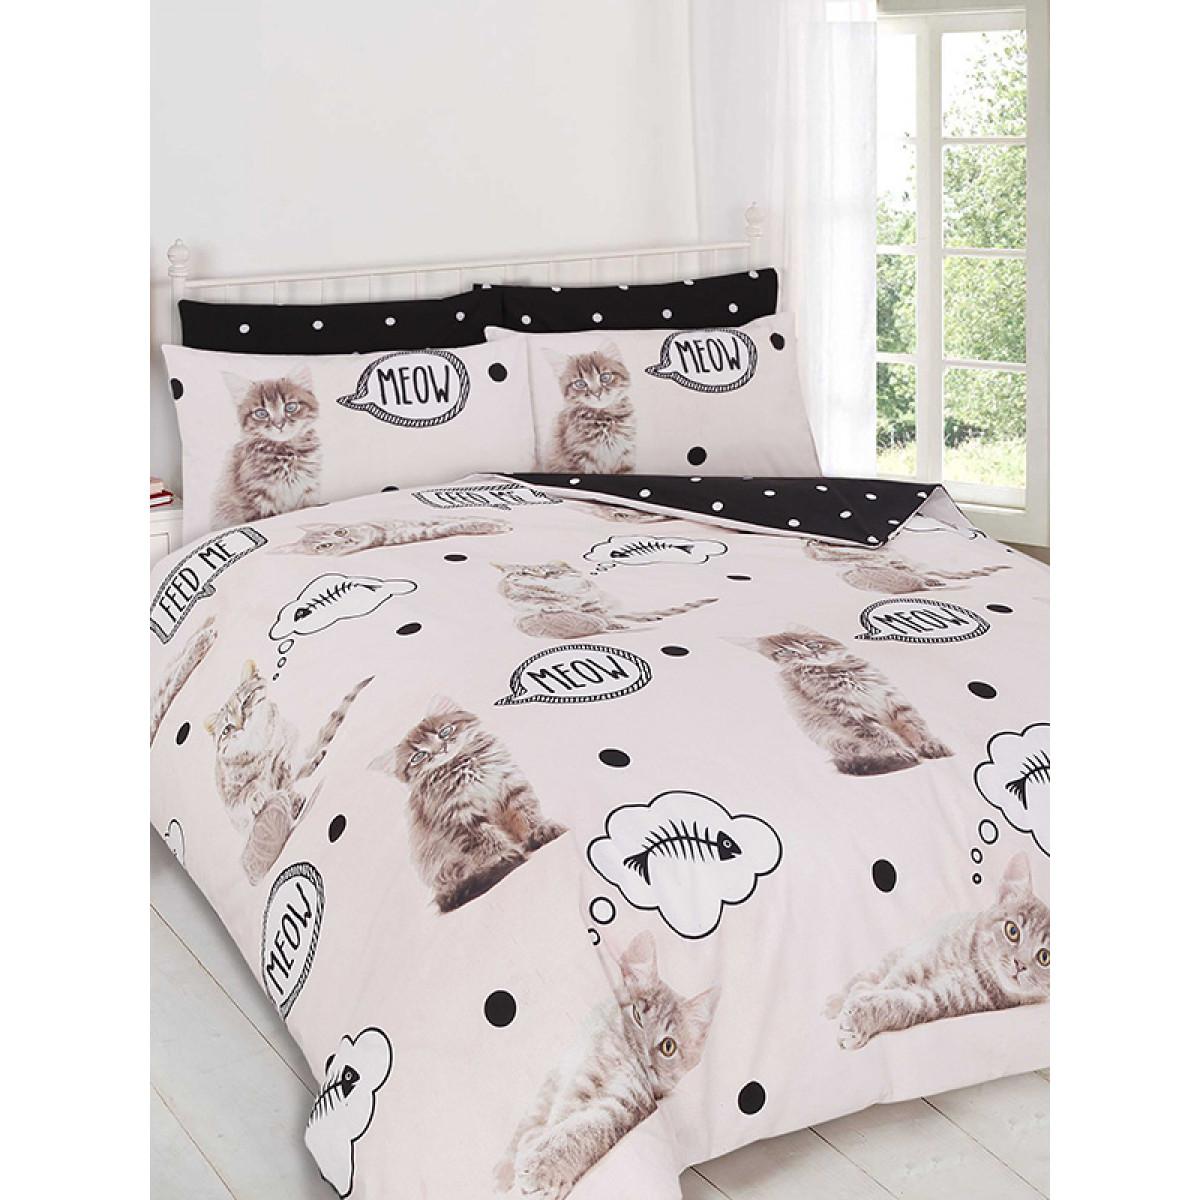 Kittens Double Duvet Cover Bedding Bedroom Cat